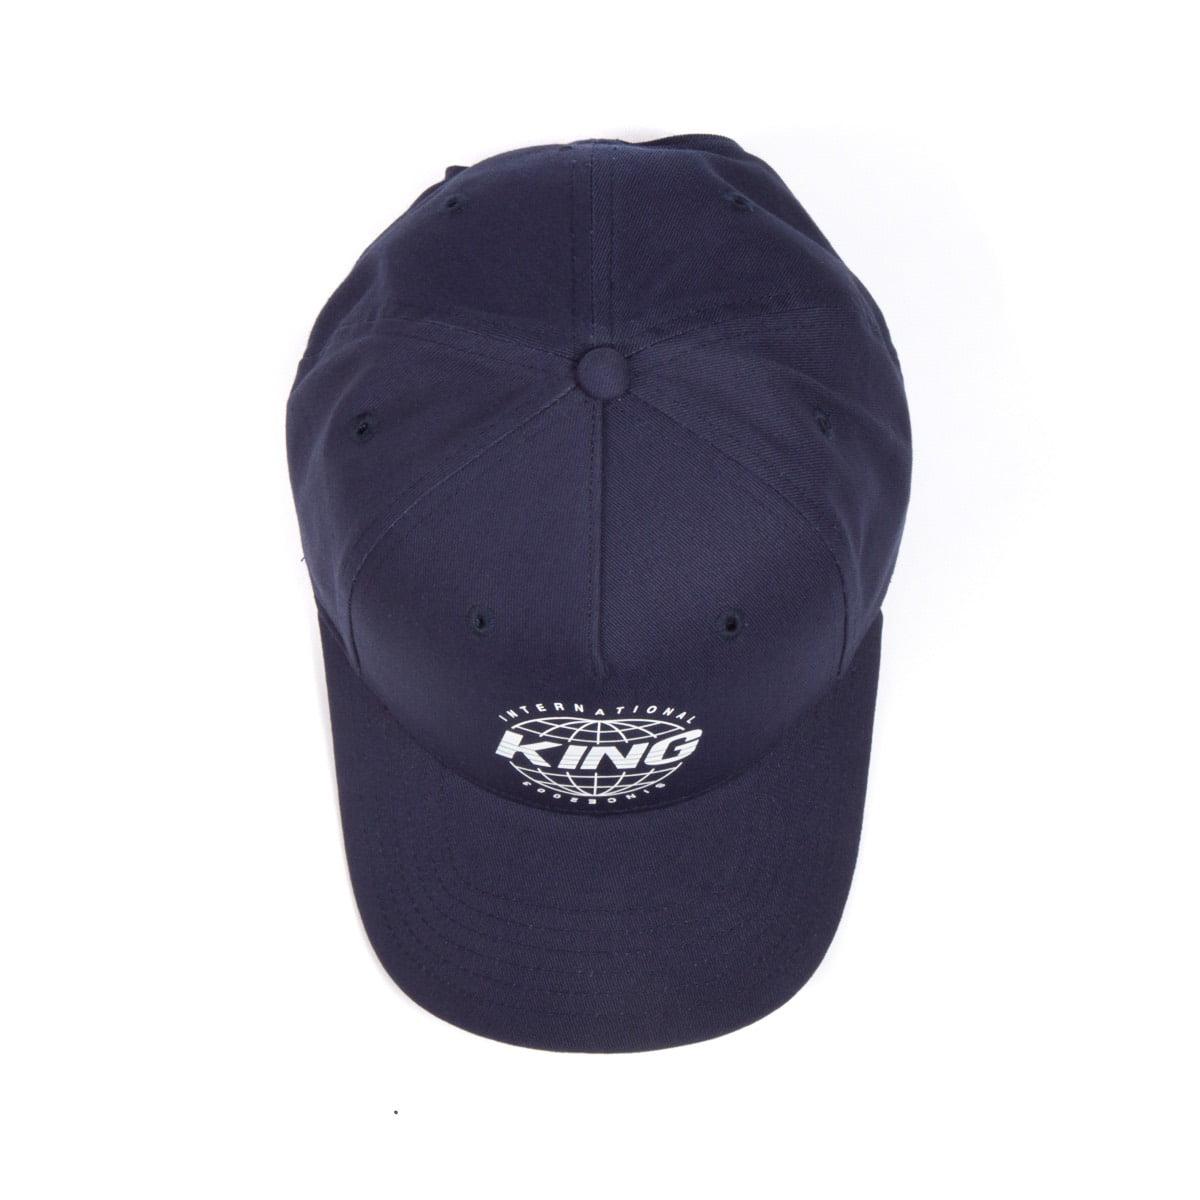 King Apparel Bethnal Curved Peak Blue Ink Snapback Hat - image 1 de 6